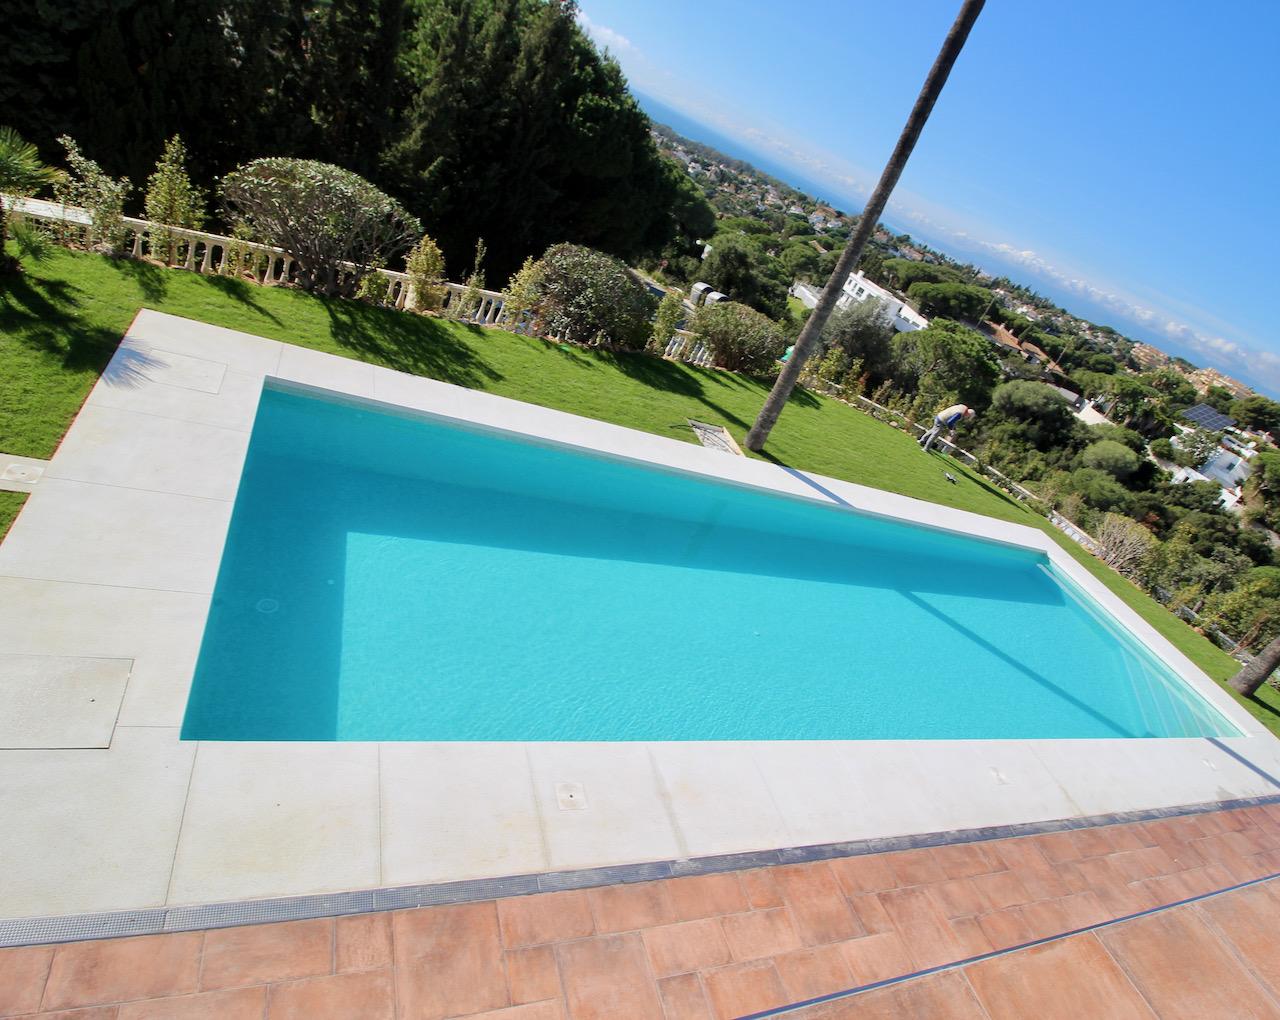 Poolbau Marbella und Costa del Sol - Goestl Wolfgang